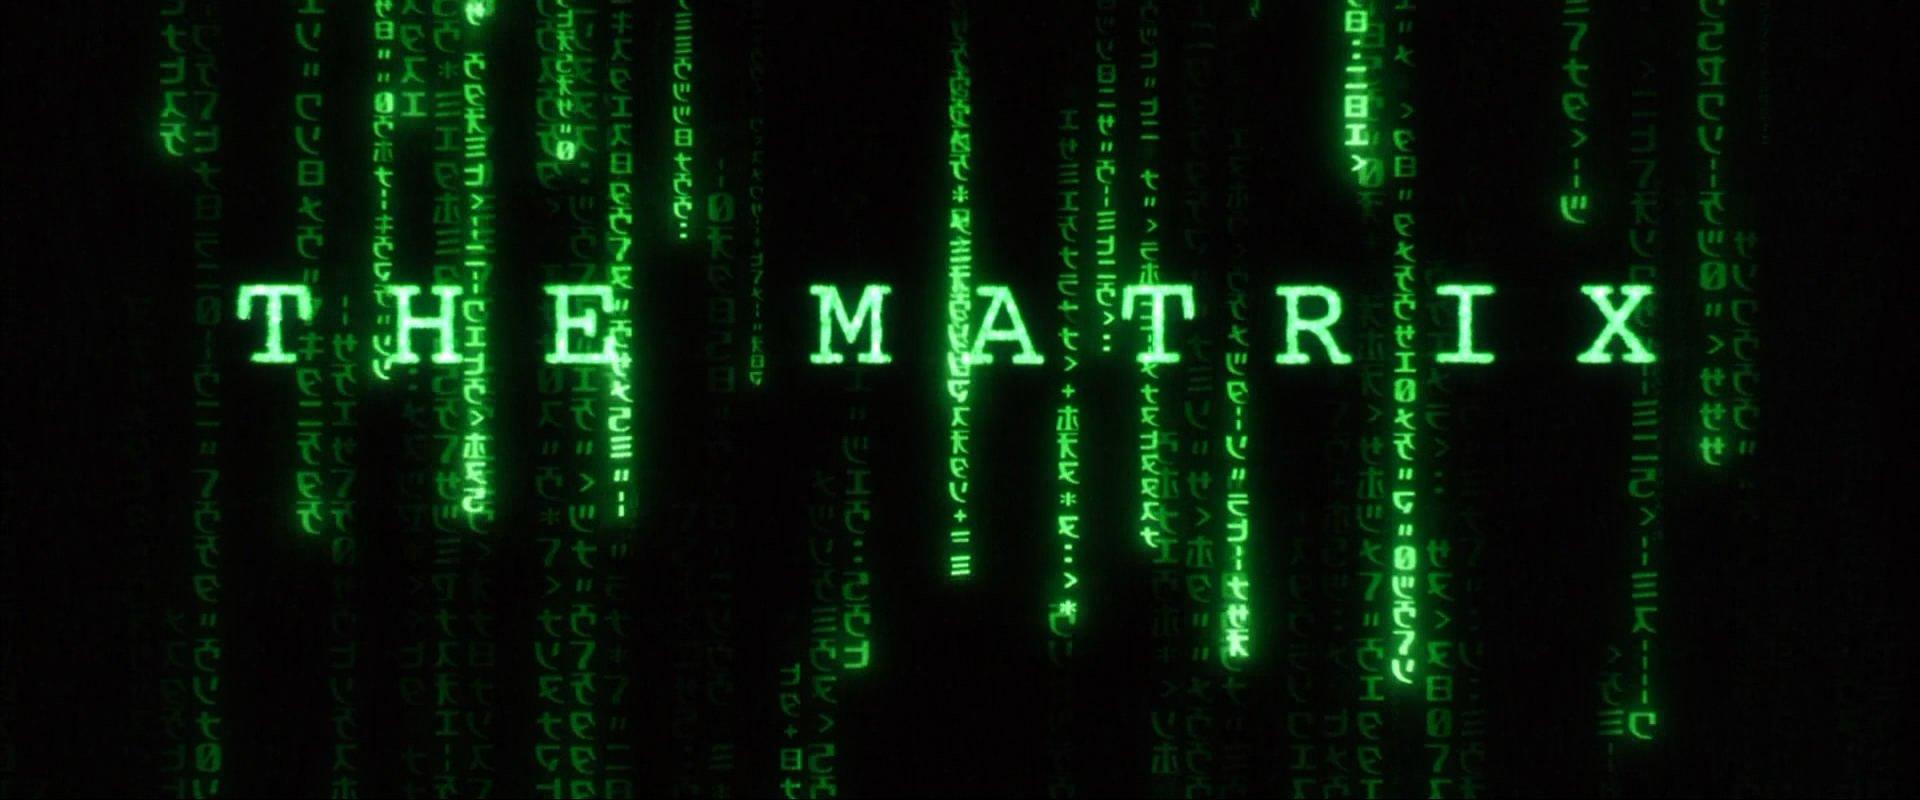 Мафия #7: MATRIX. Вторая ночь - Изображение 1